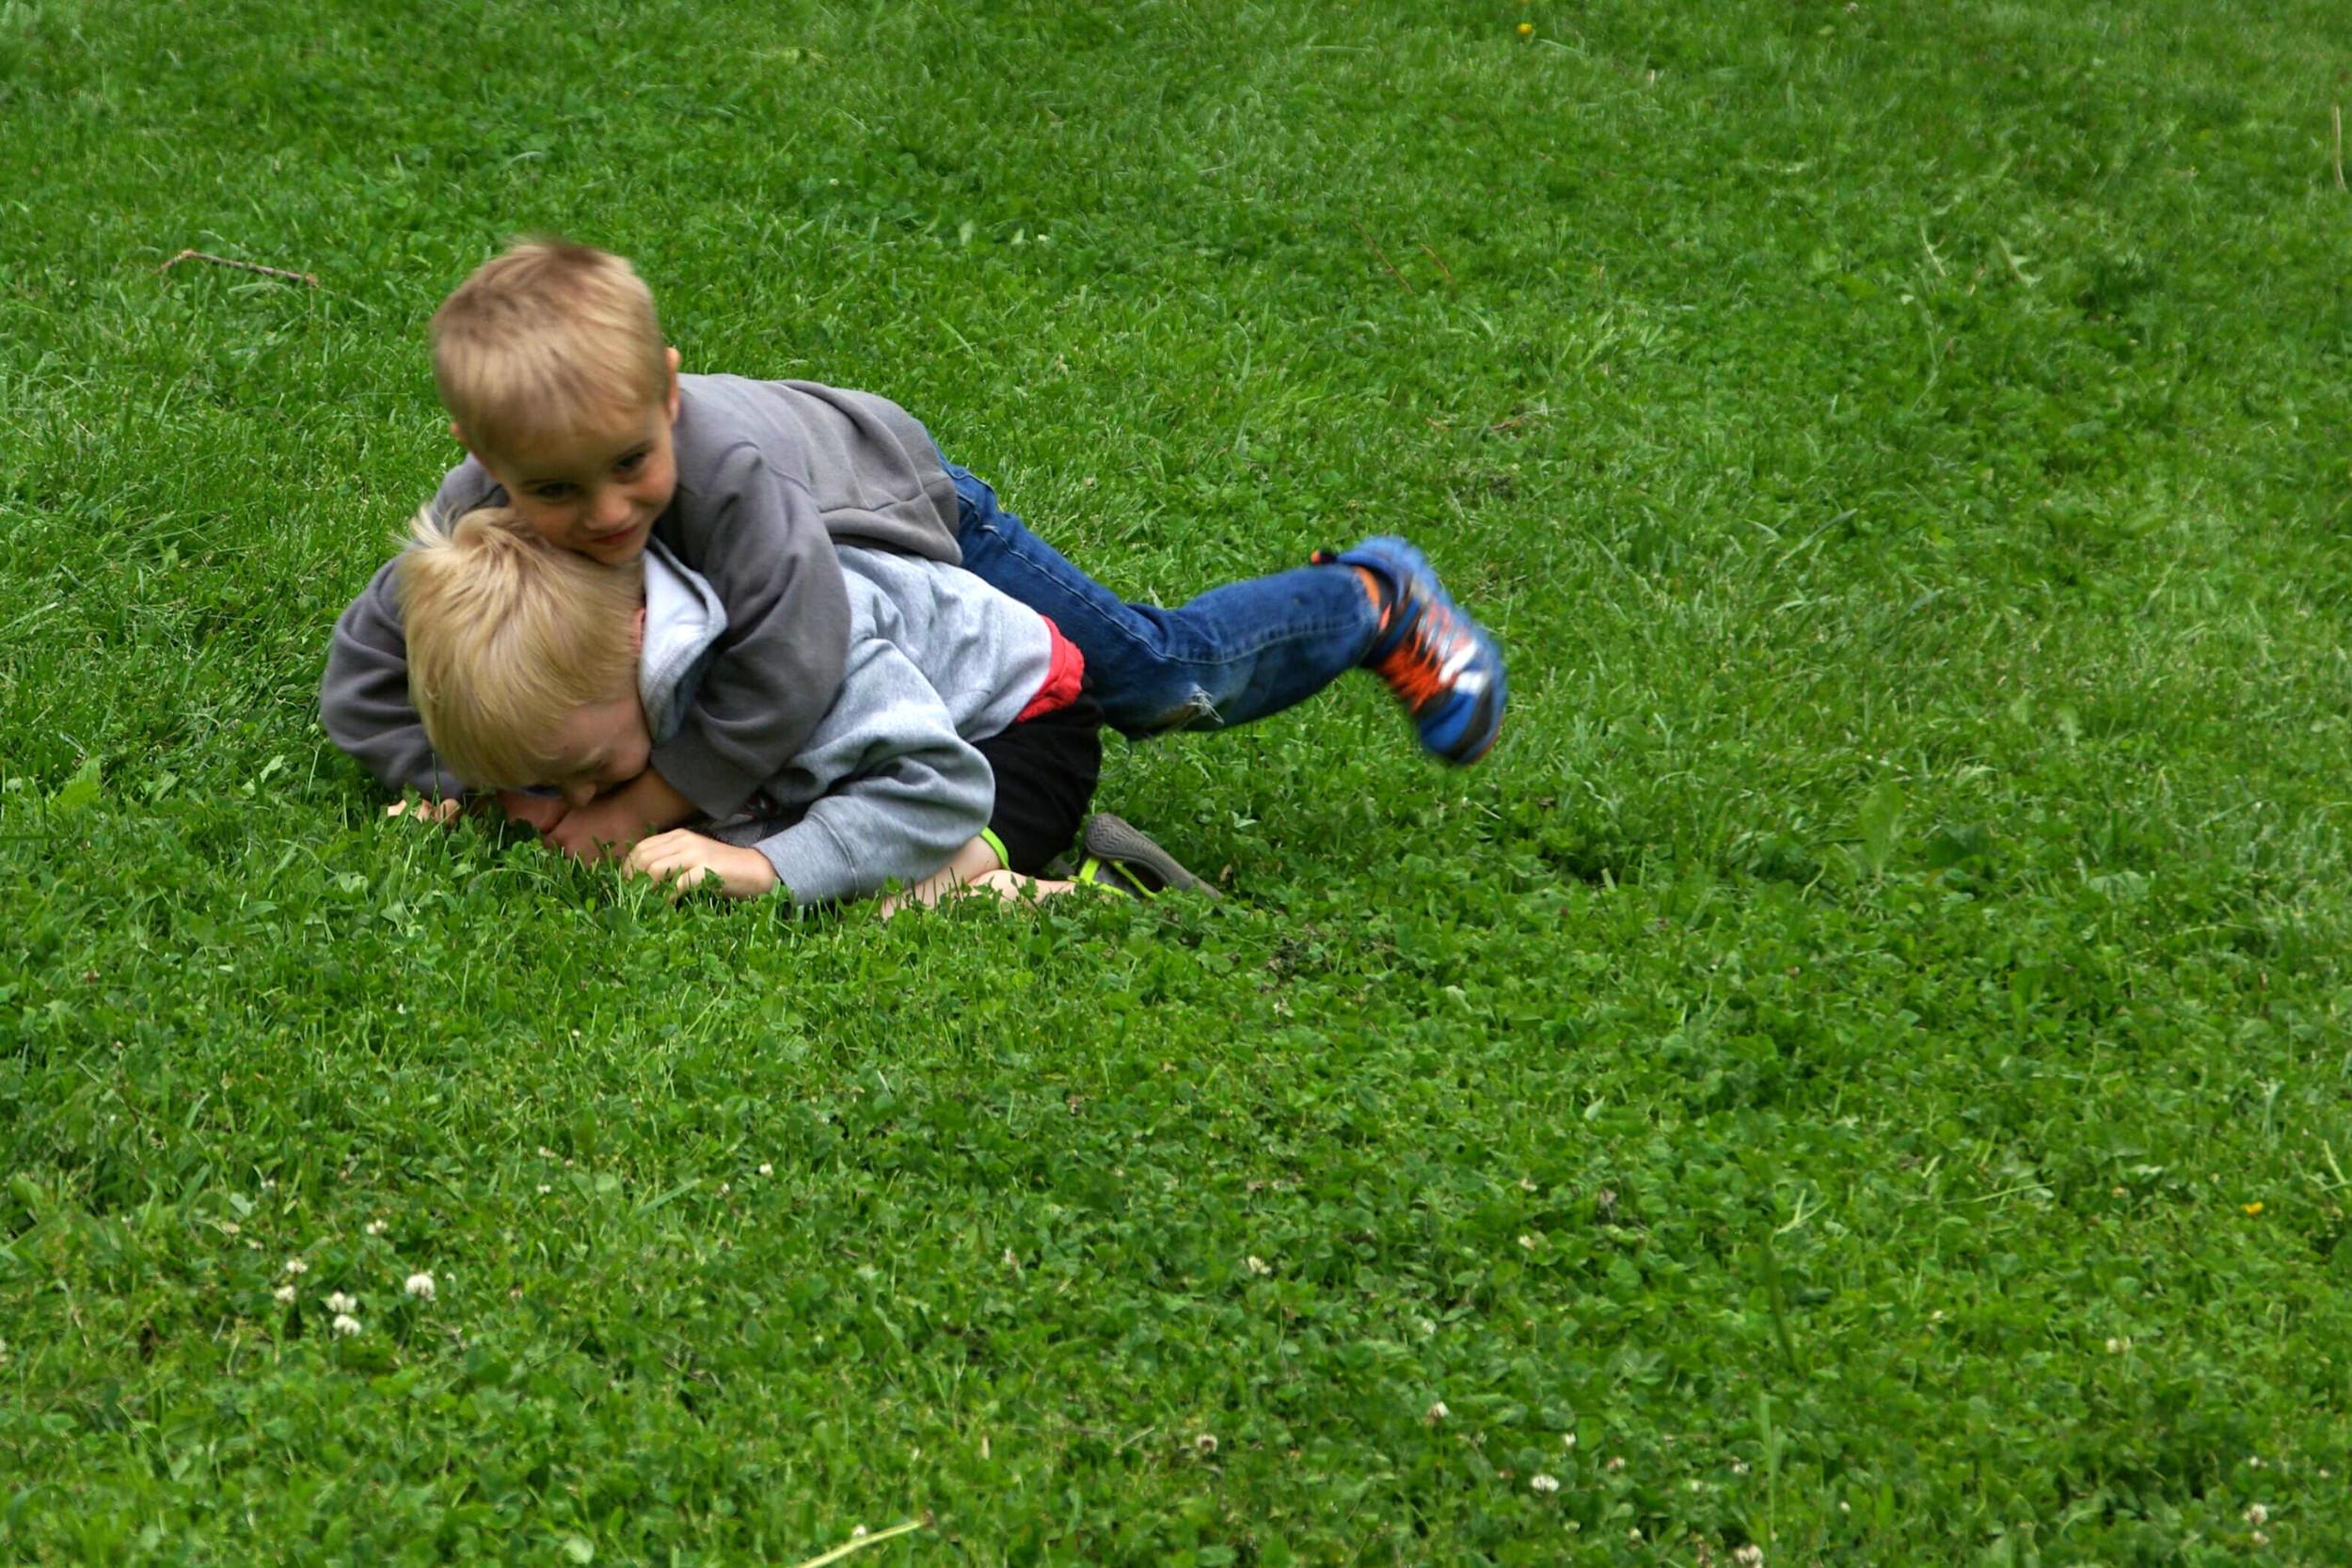 zion-picnic_27048224836_o.jpg